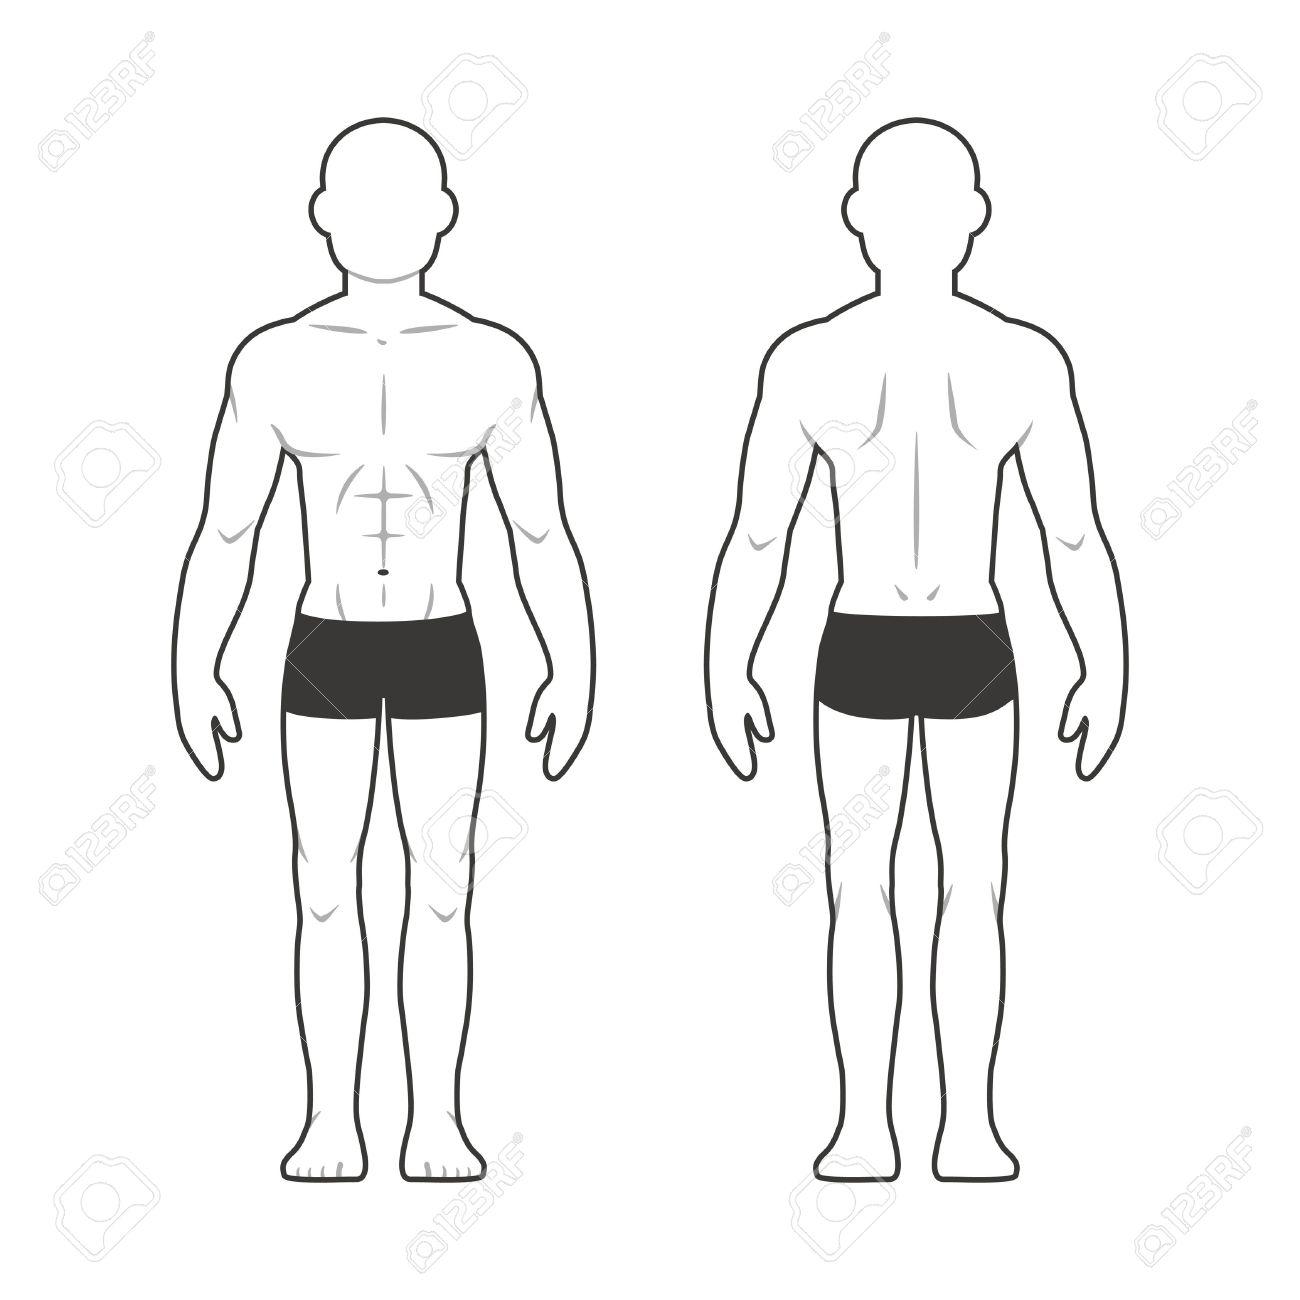 Athletisch Männlichen Körper-Chart. Muskulöser Mann Silhouette Von ...